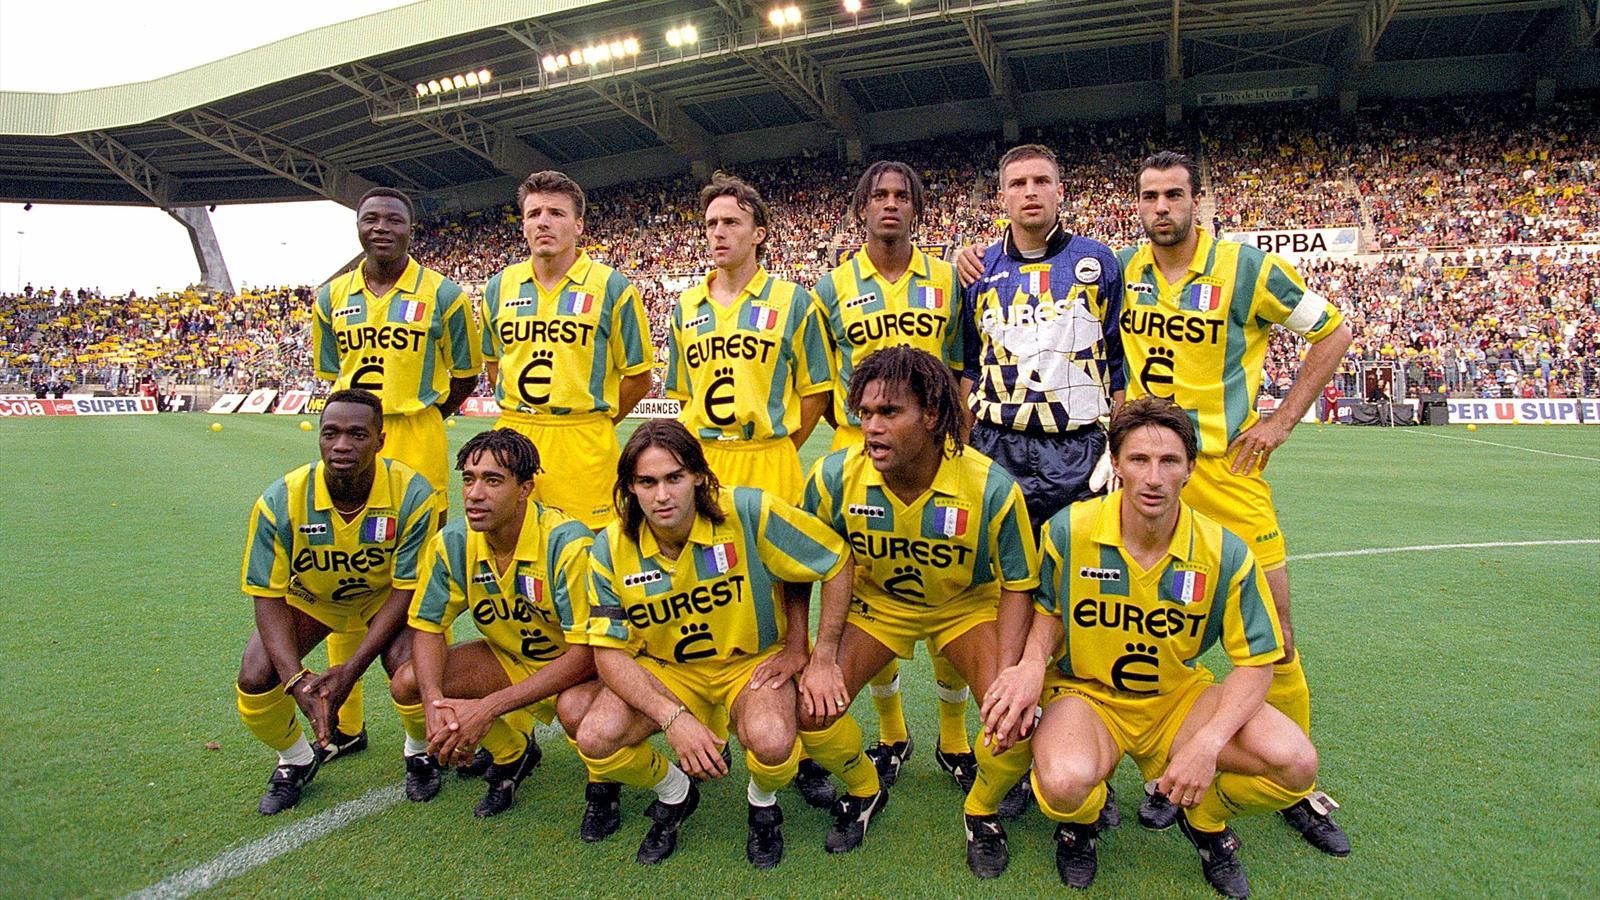 L'équipe de Nantes, championne de France 1994/1995 (Photo : D.R.)